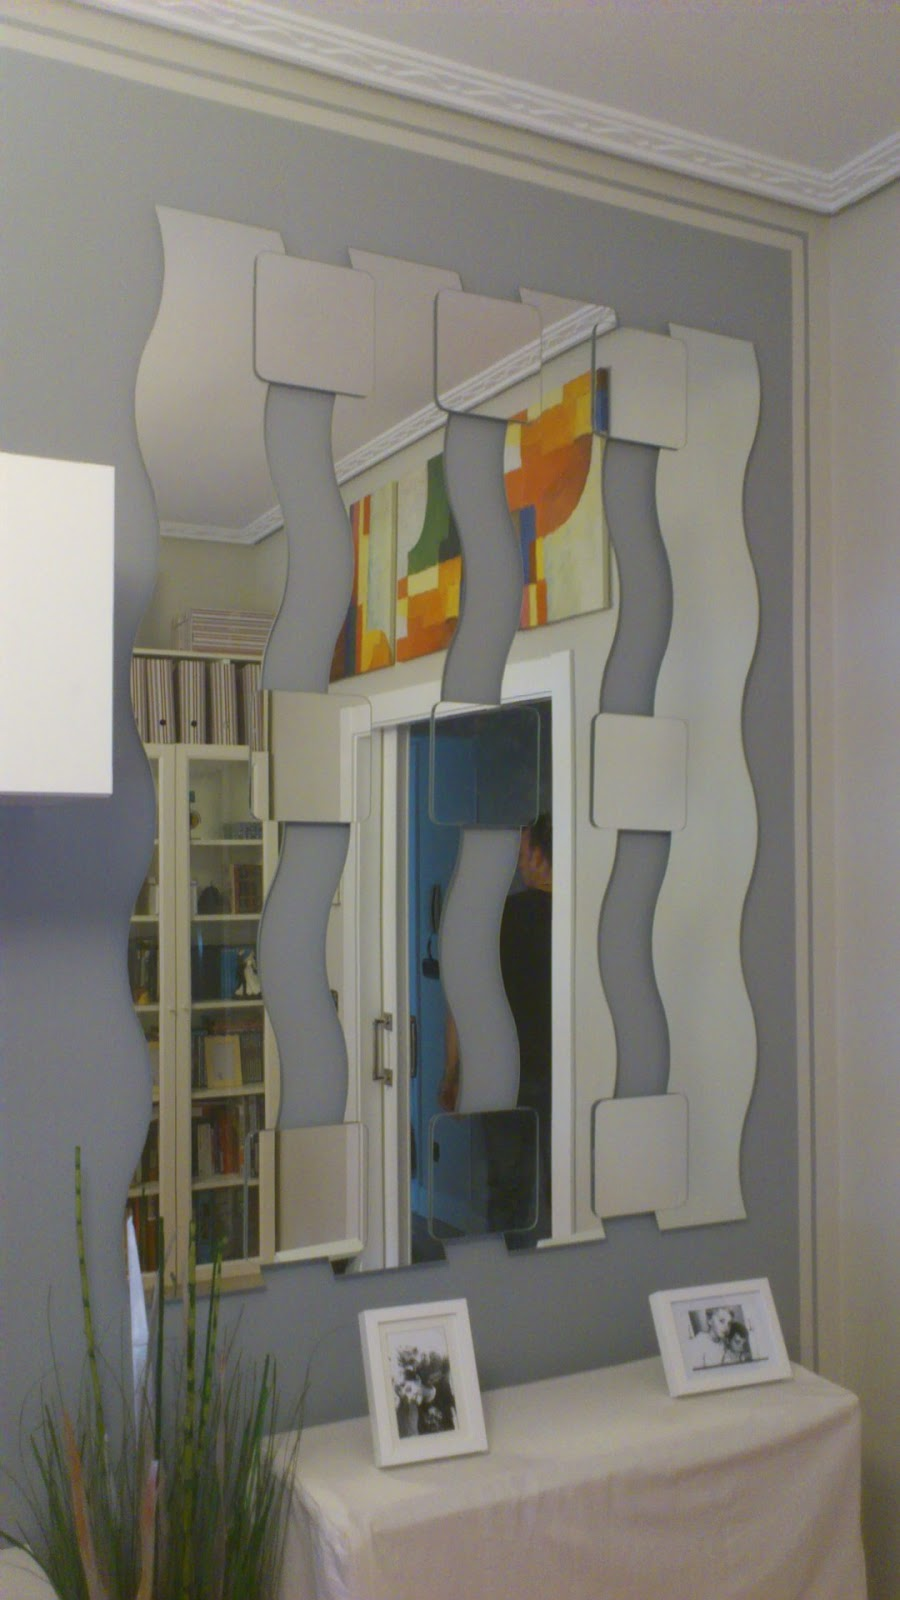 Espejo puzzle mi llave allen for Espejos grandes de pared ikea